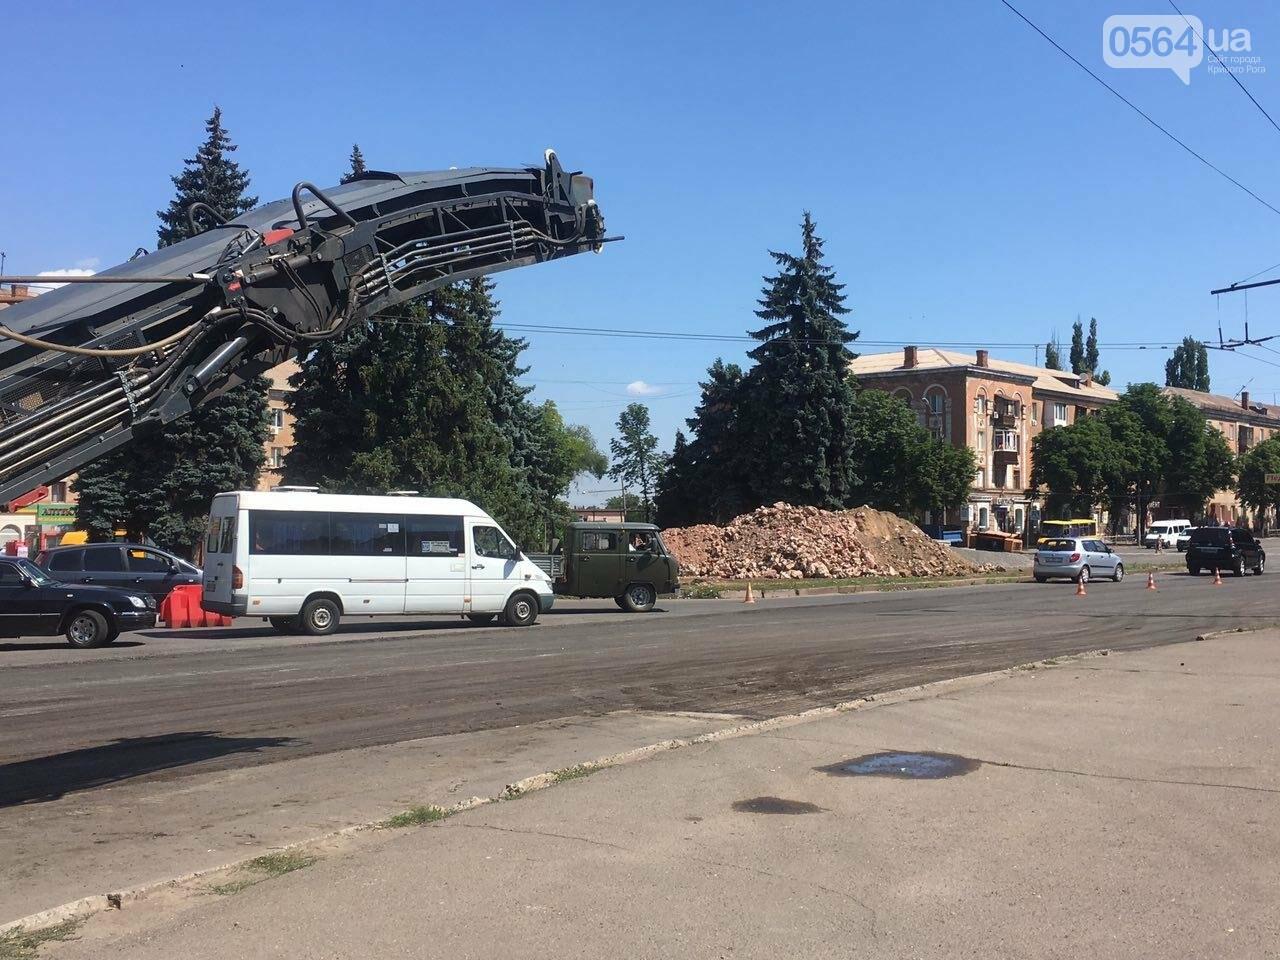 В Кривом Роге готовят площадь для установки памятника Киевскому князю Владимиру Великому, - ФОТО, фото-15